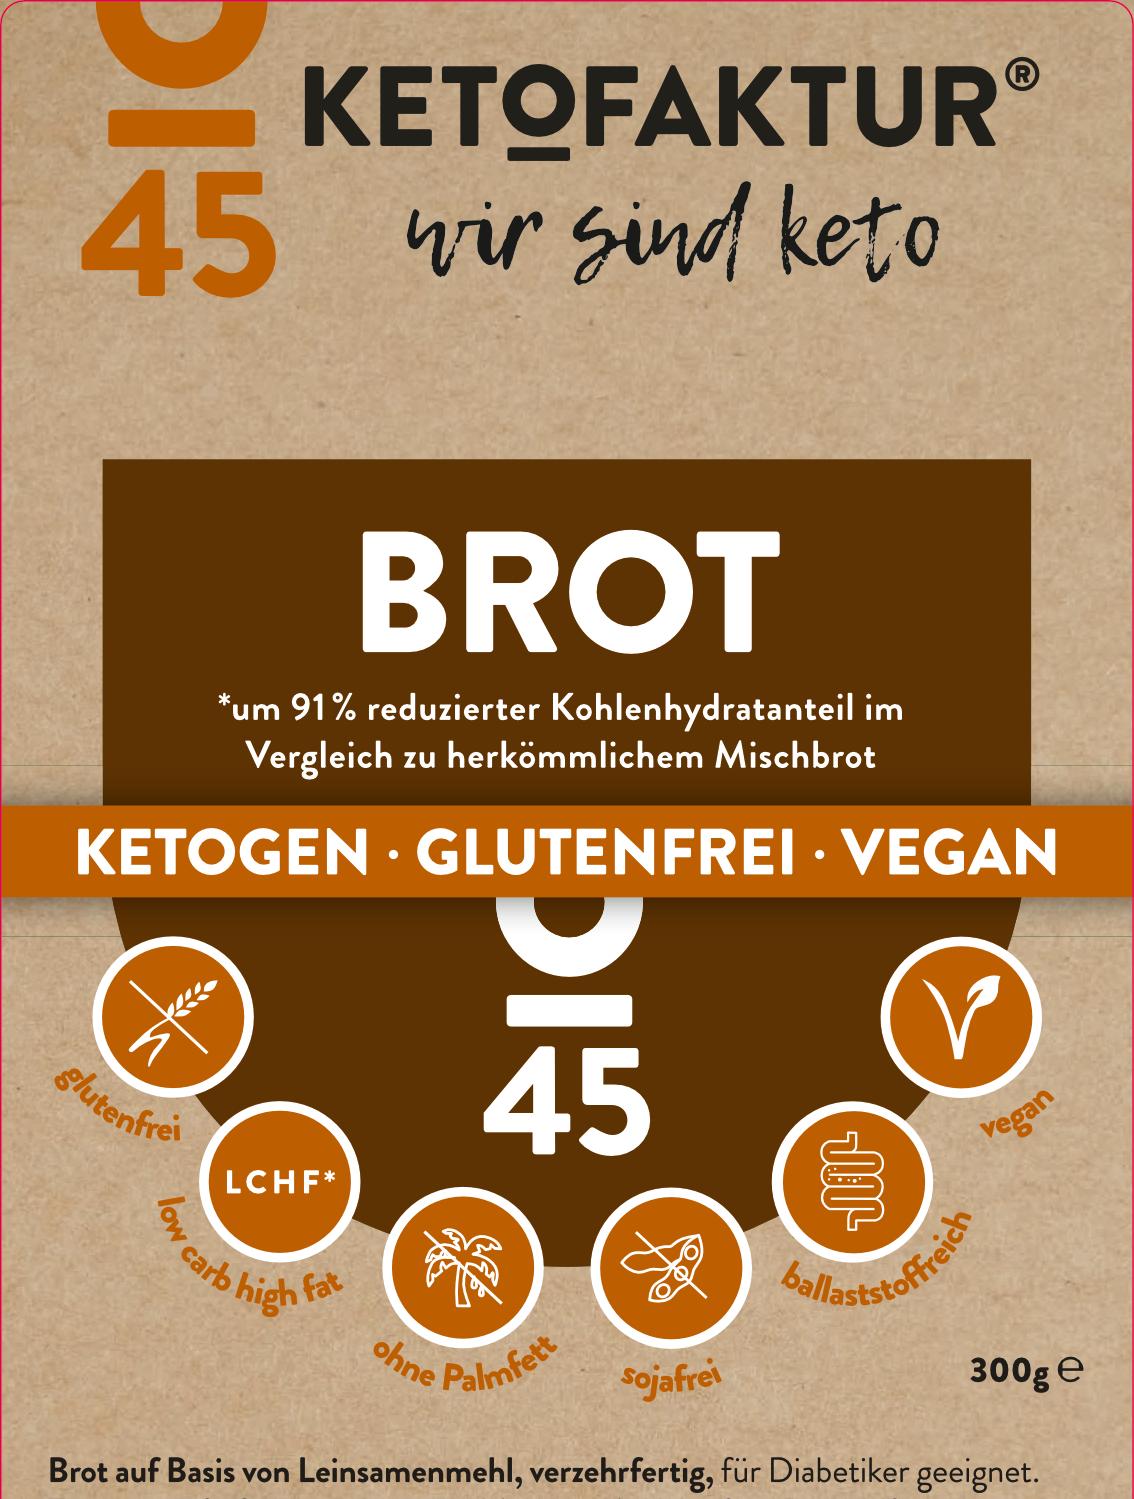 Etikettierung des Keto-Bauernbrot der KETOFAKTUR